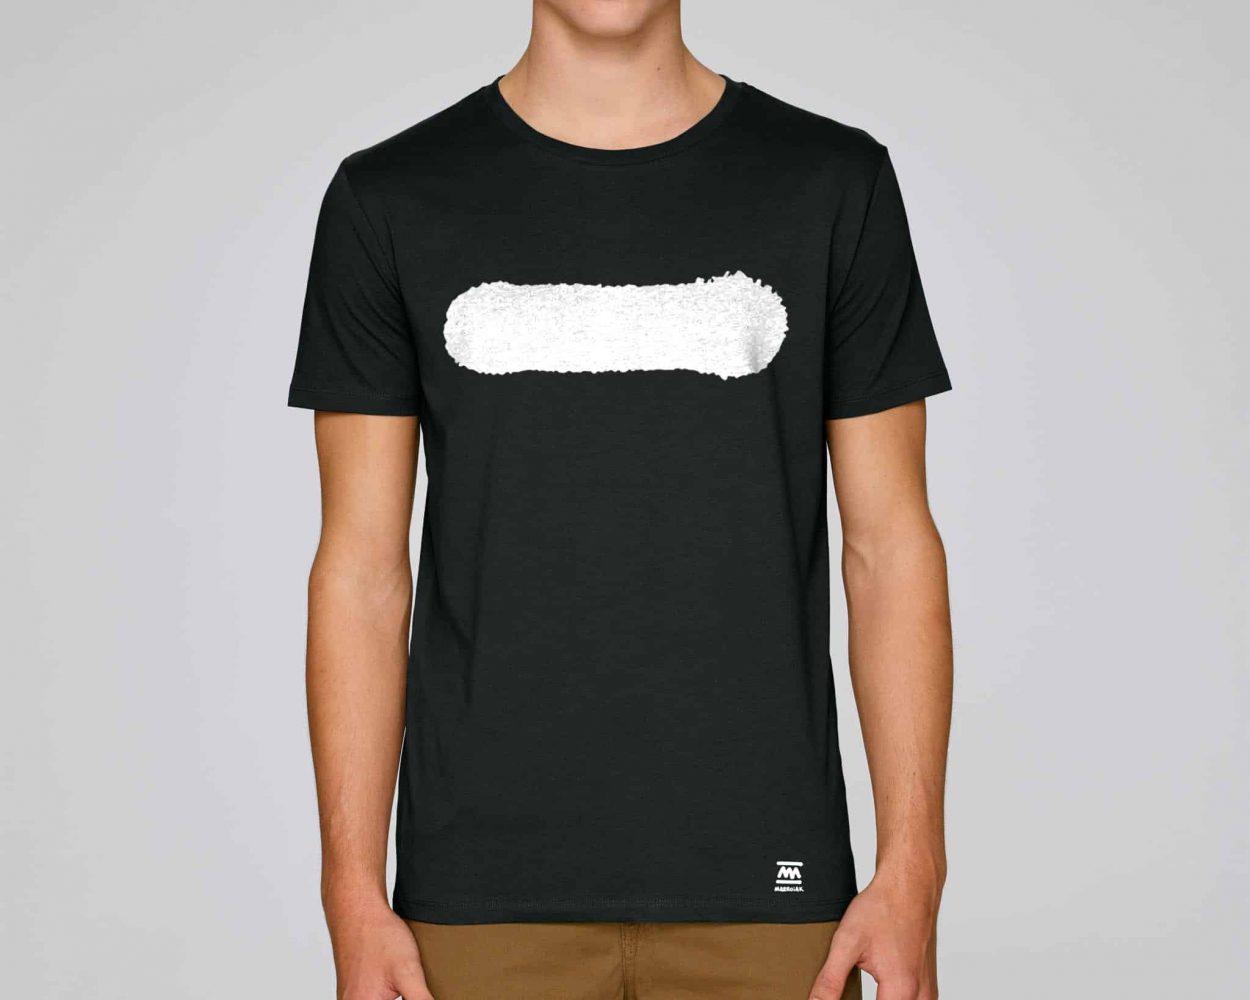 Camiseta negra urbana y minimalista con un dibujo de una raya. Techno y música house. Estilo richie hawtin.